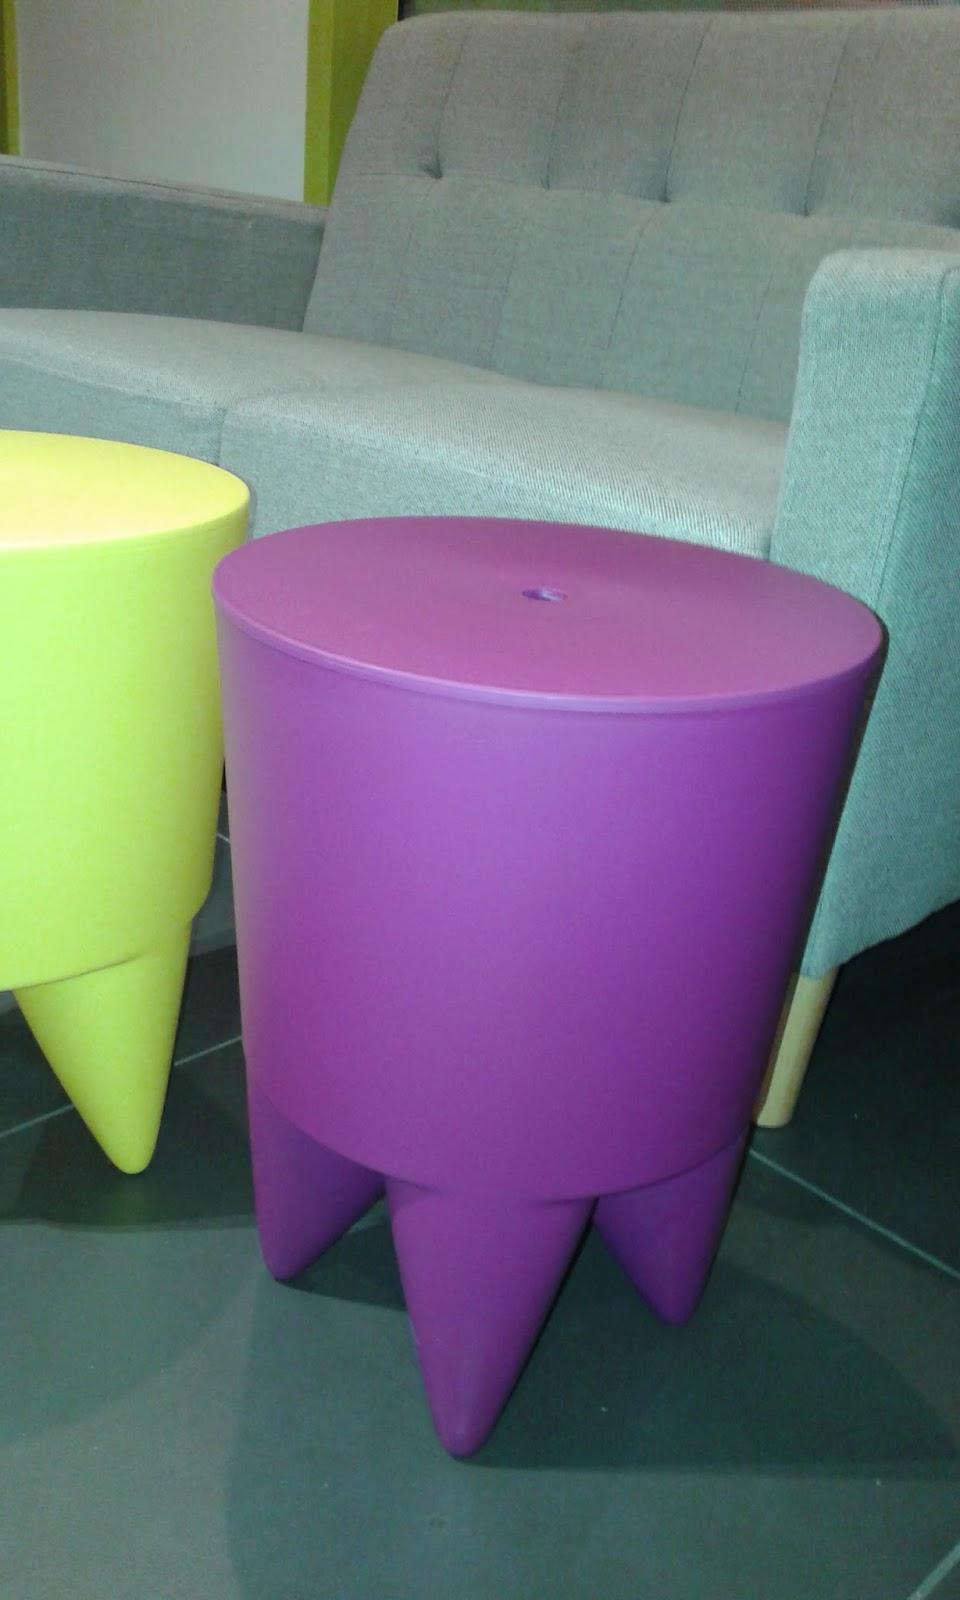 Le design est de saison - Tabouret bubu philippe starck ...